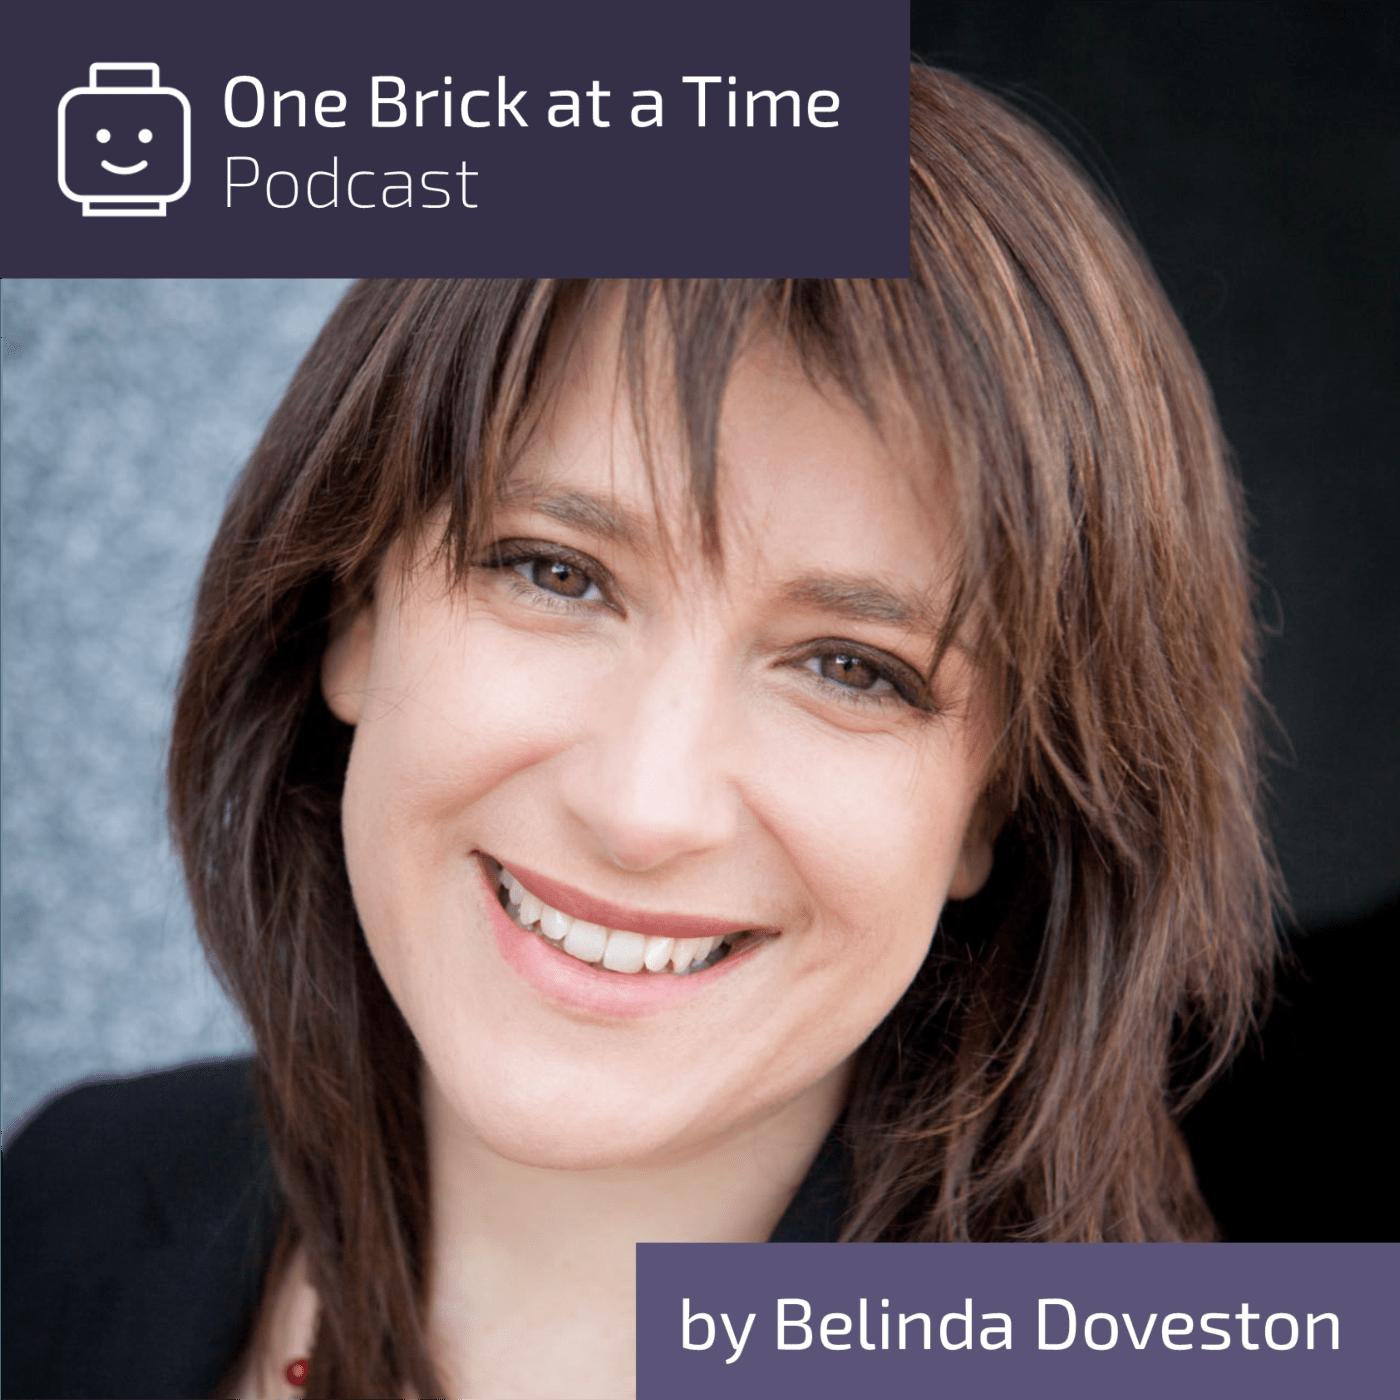 Belinda Doveston